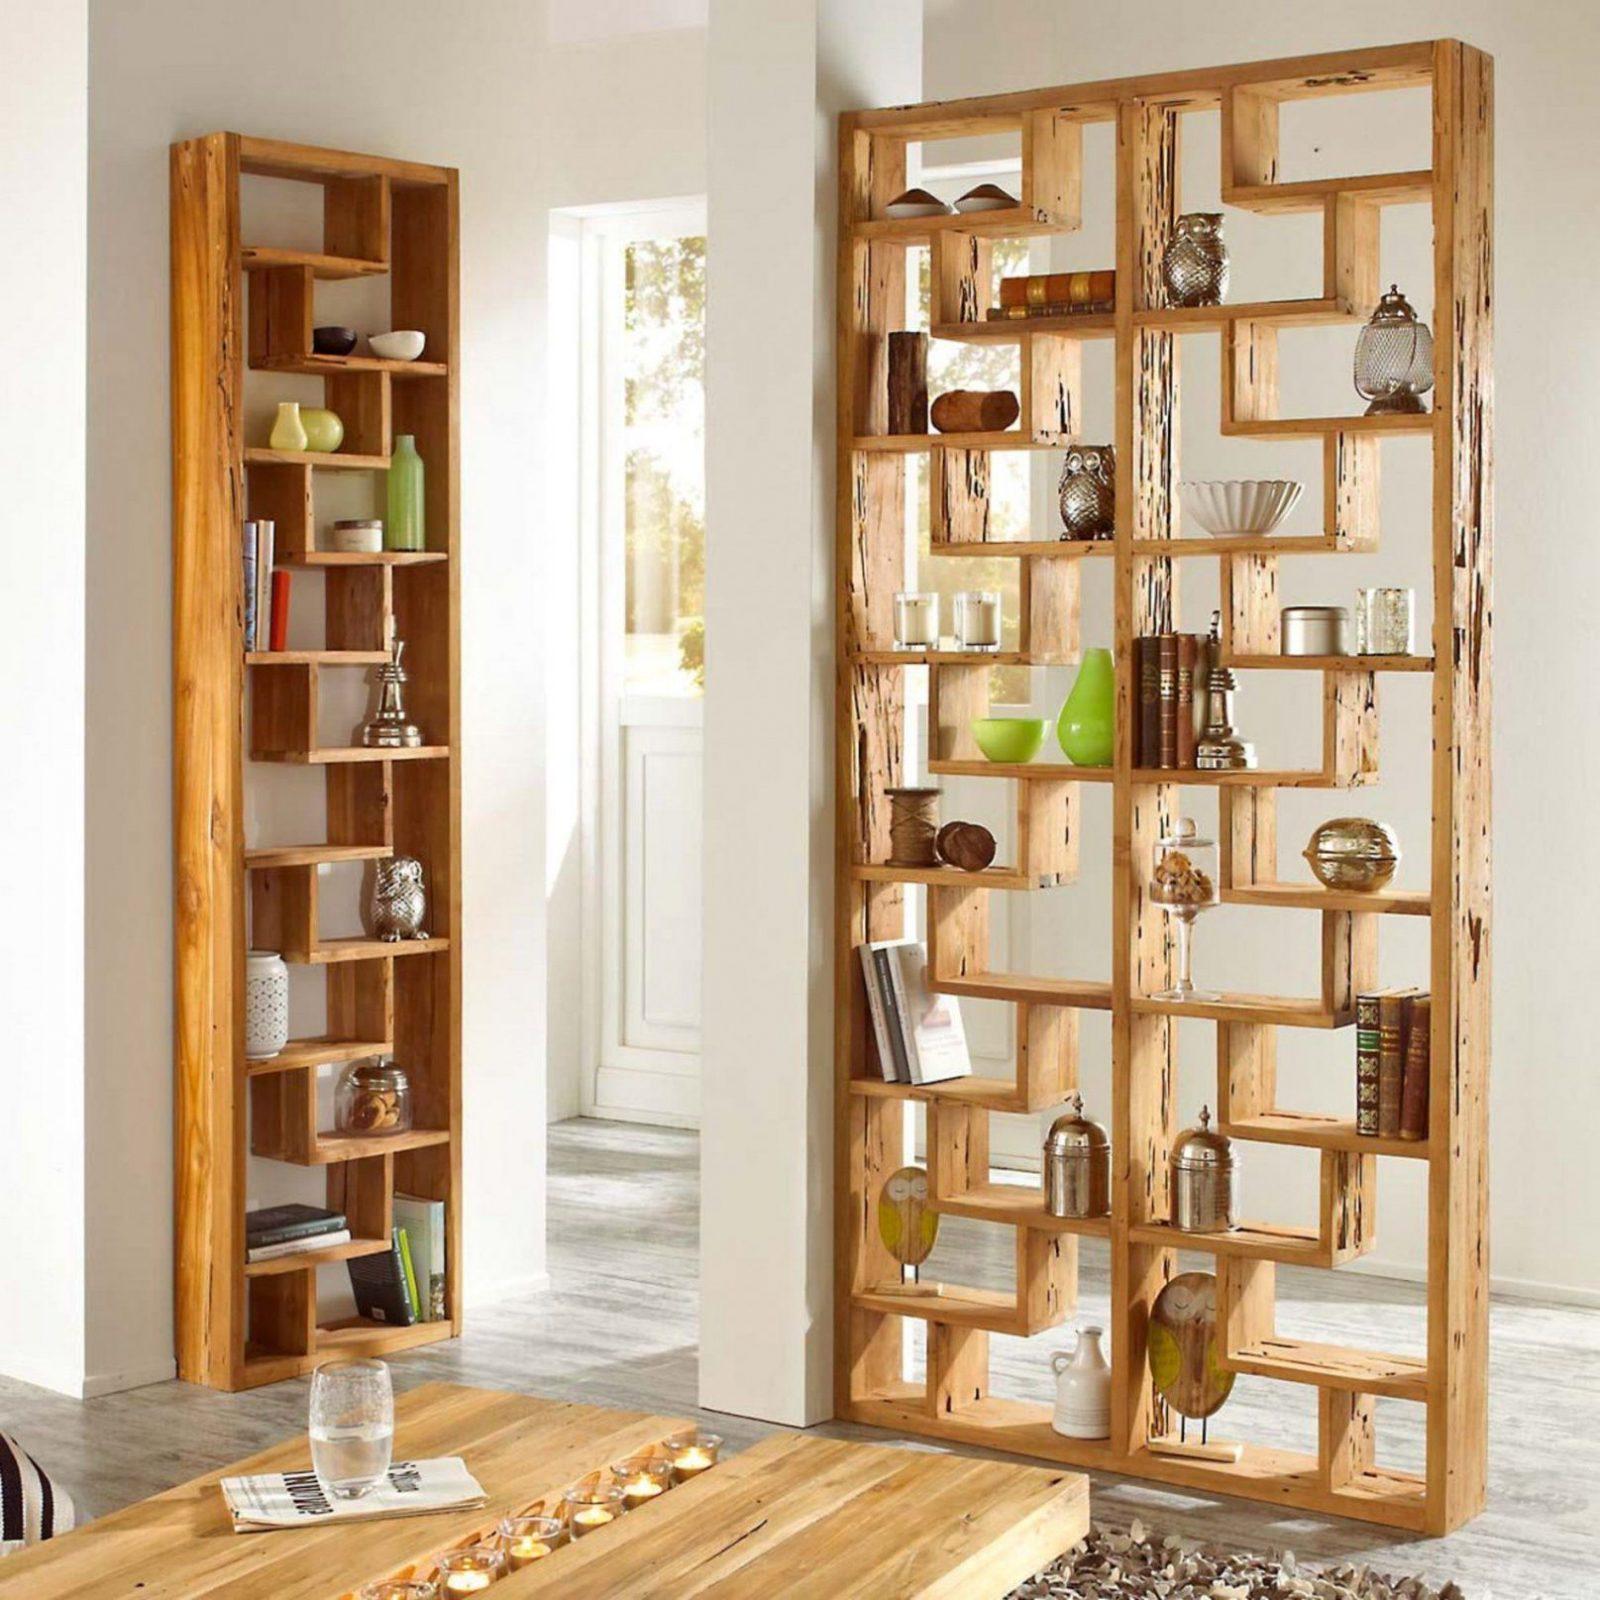 39 Inspirierend Raumteiler Regal Selber Bauen Designgalerie von Raumteiler Regal Selber Bauen Photo